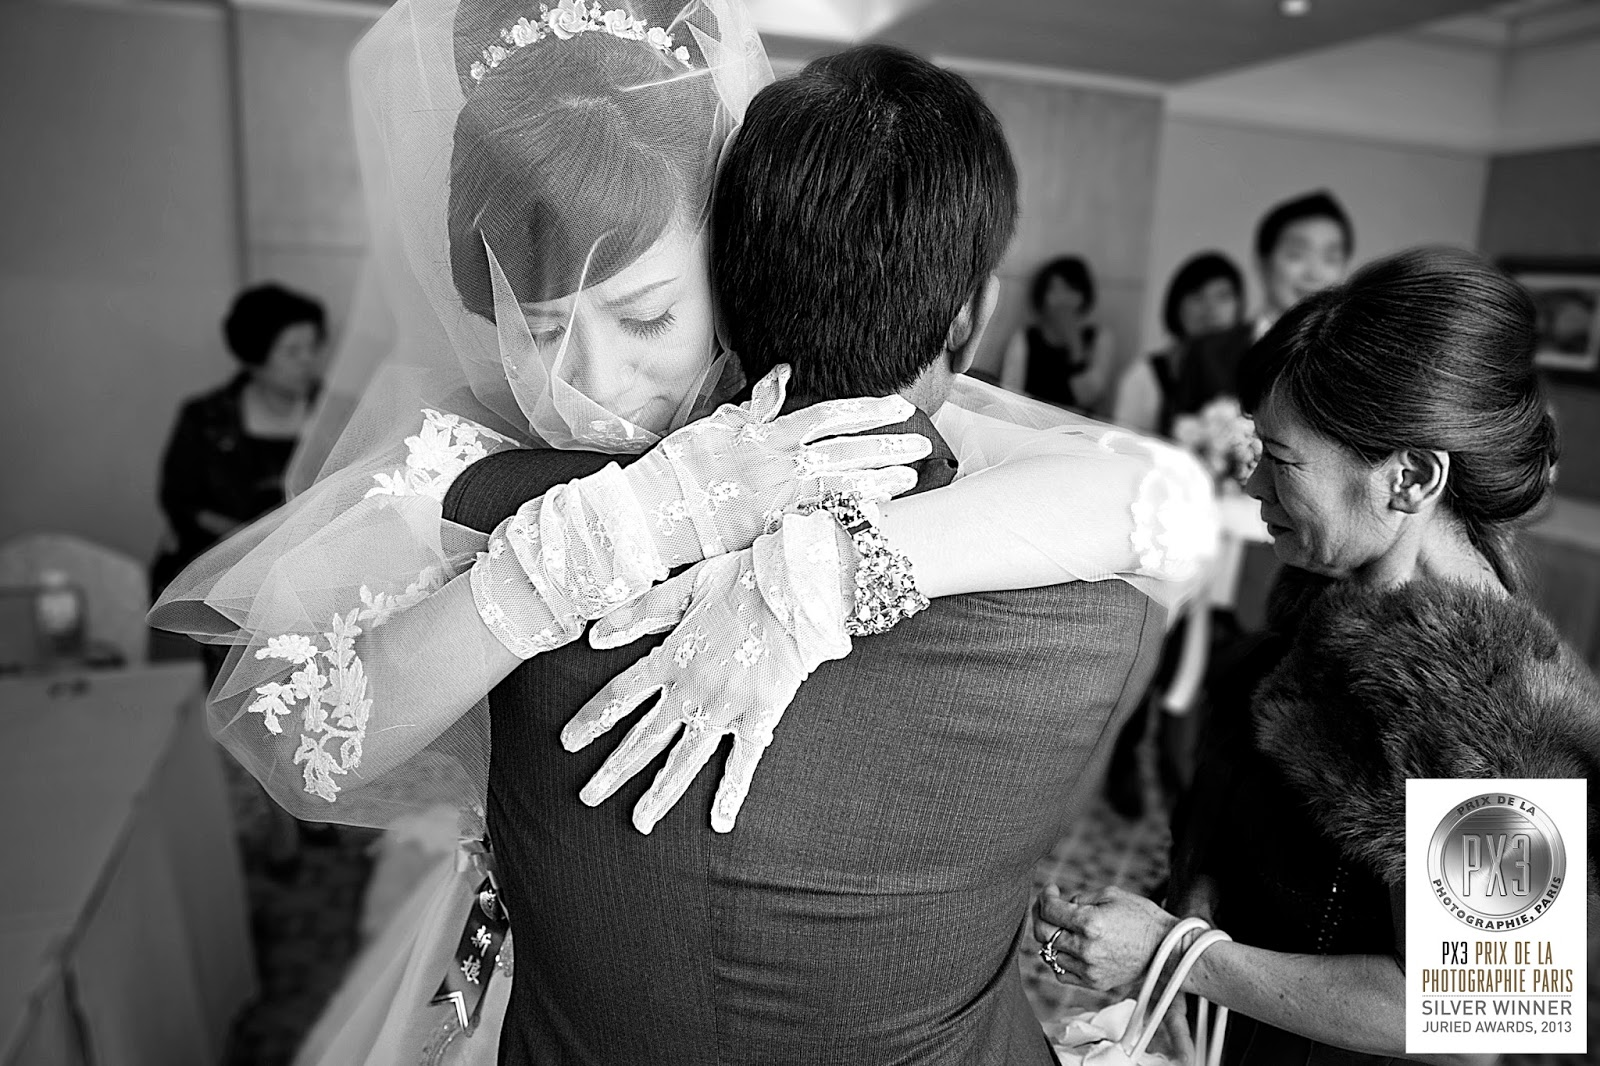 法國PX3攝影fearlee台灣婚禮ipa攝影ispwp得獎wppi推薦wpja比較建議